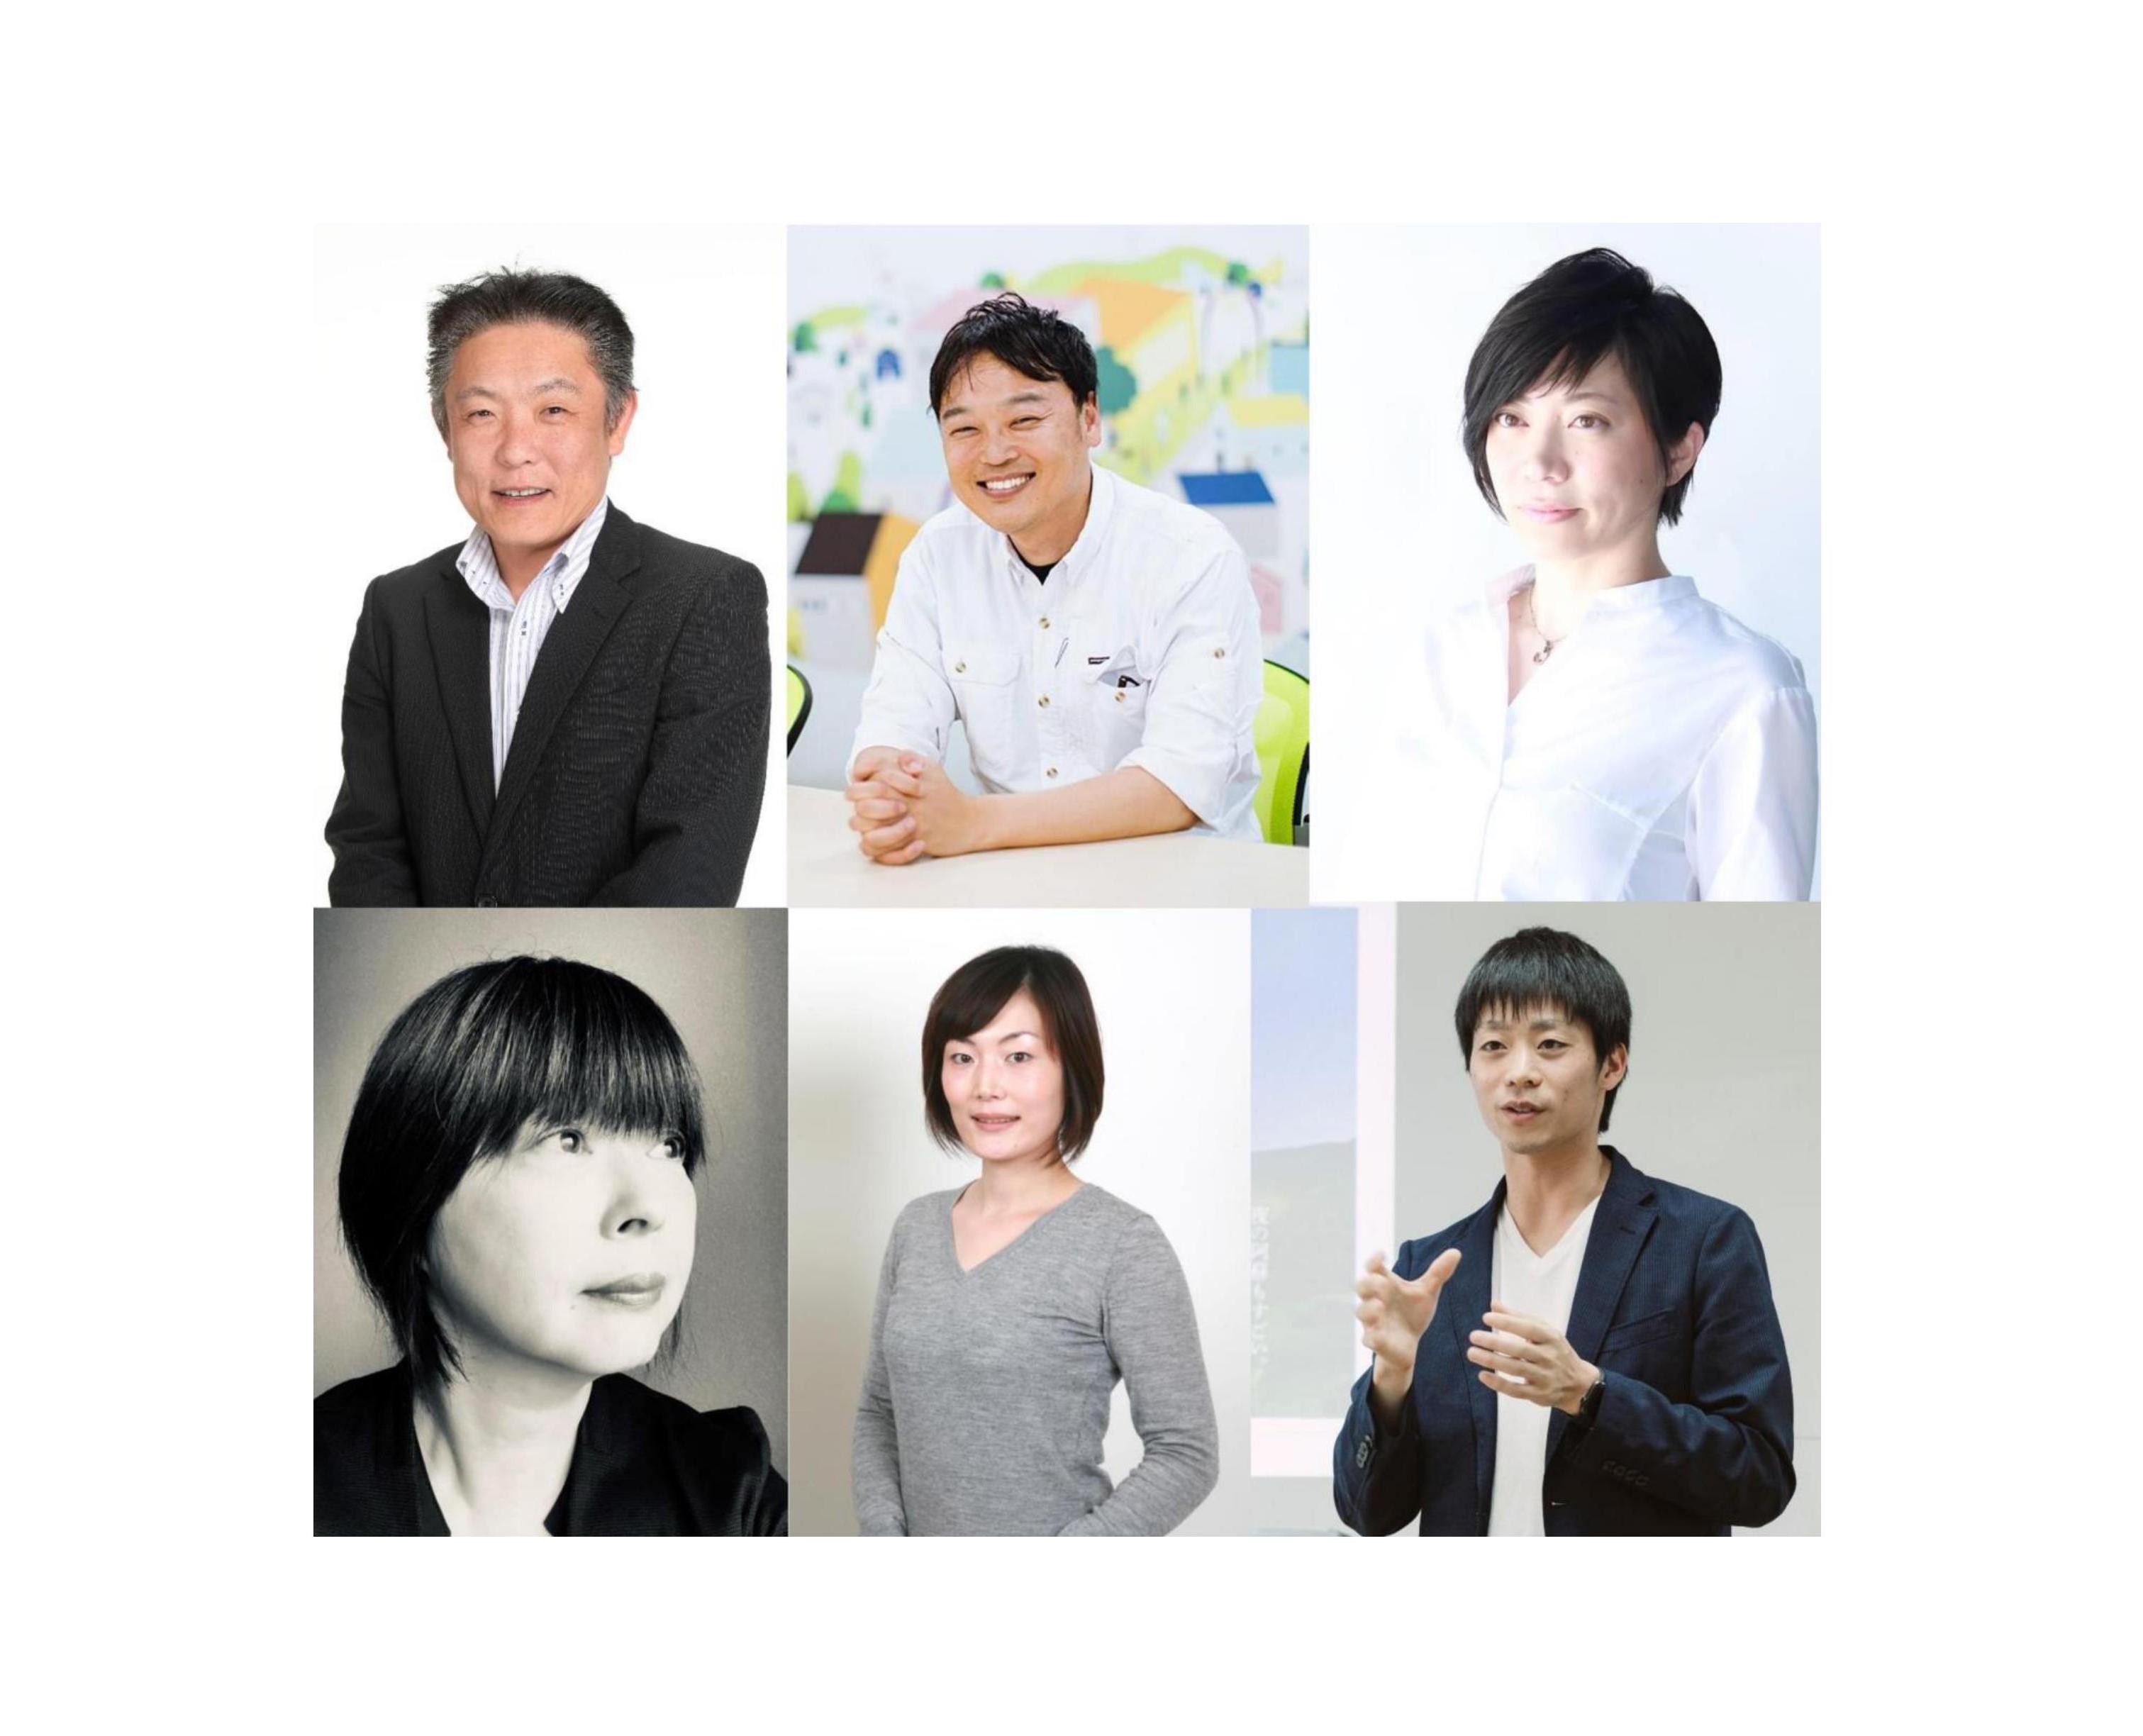 """遠賀町起業家フォーラム「起業家が仕掛ける、SDGs時代の持続可能な地域づくり2020」の写真です"""""""